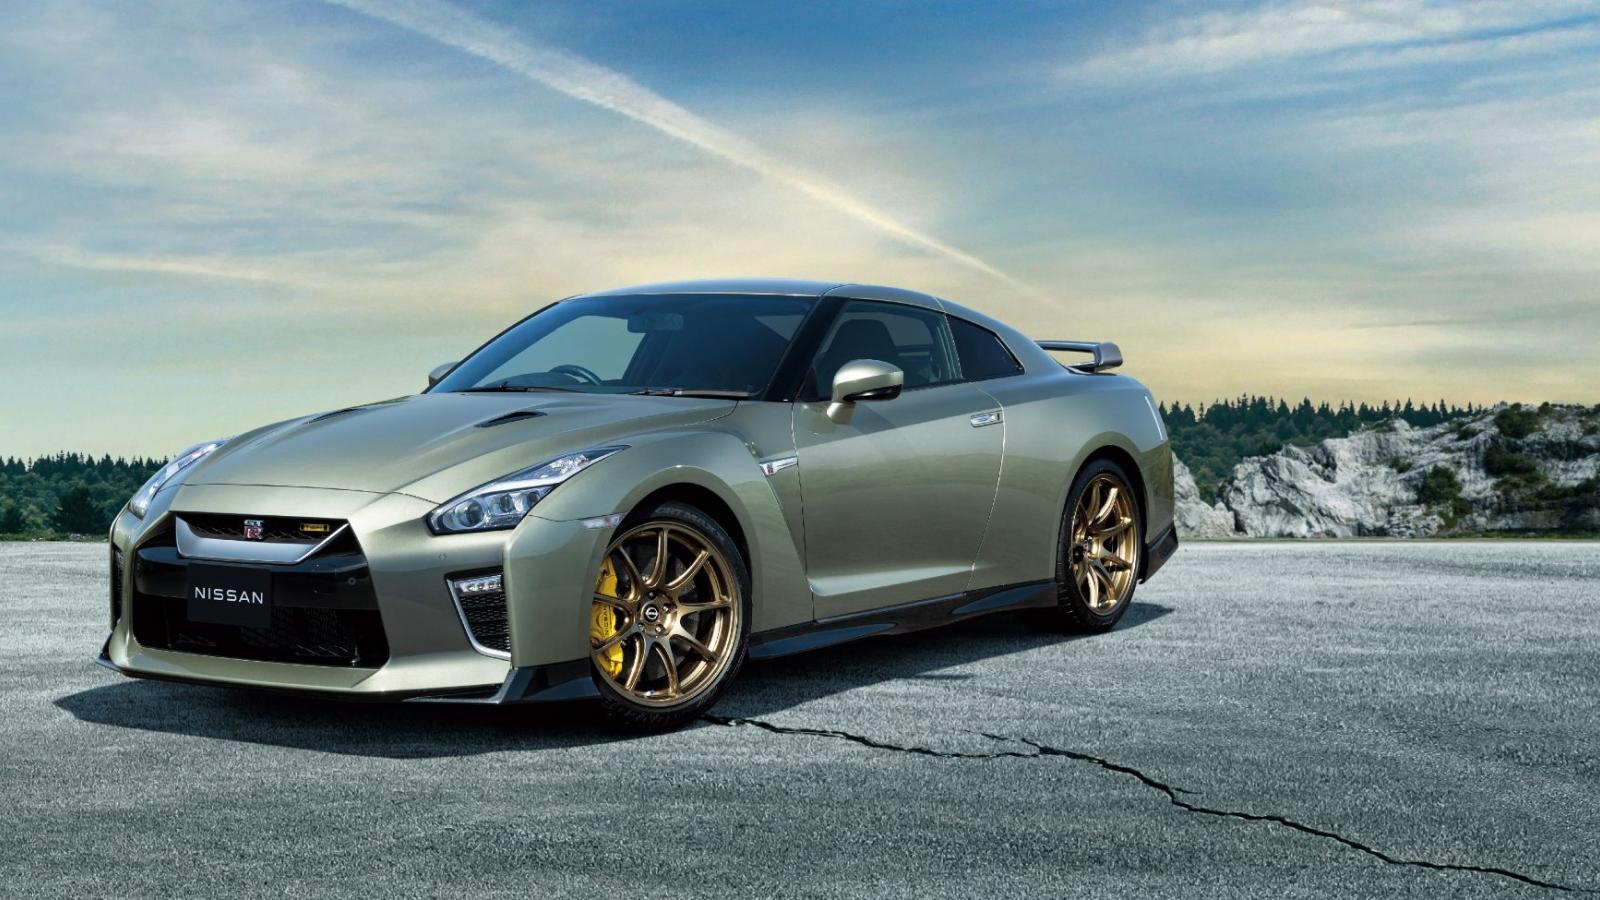 Nissan GT-R T-spec ra mắt với hai màu sơn đặc biệt